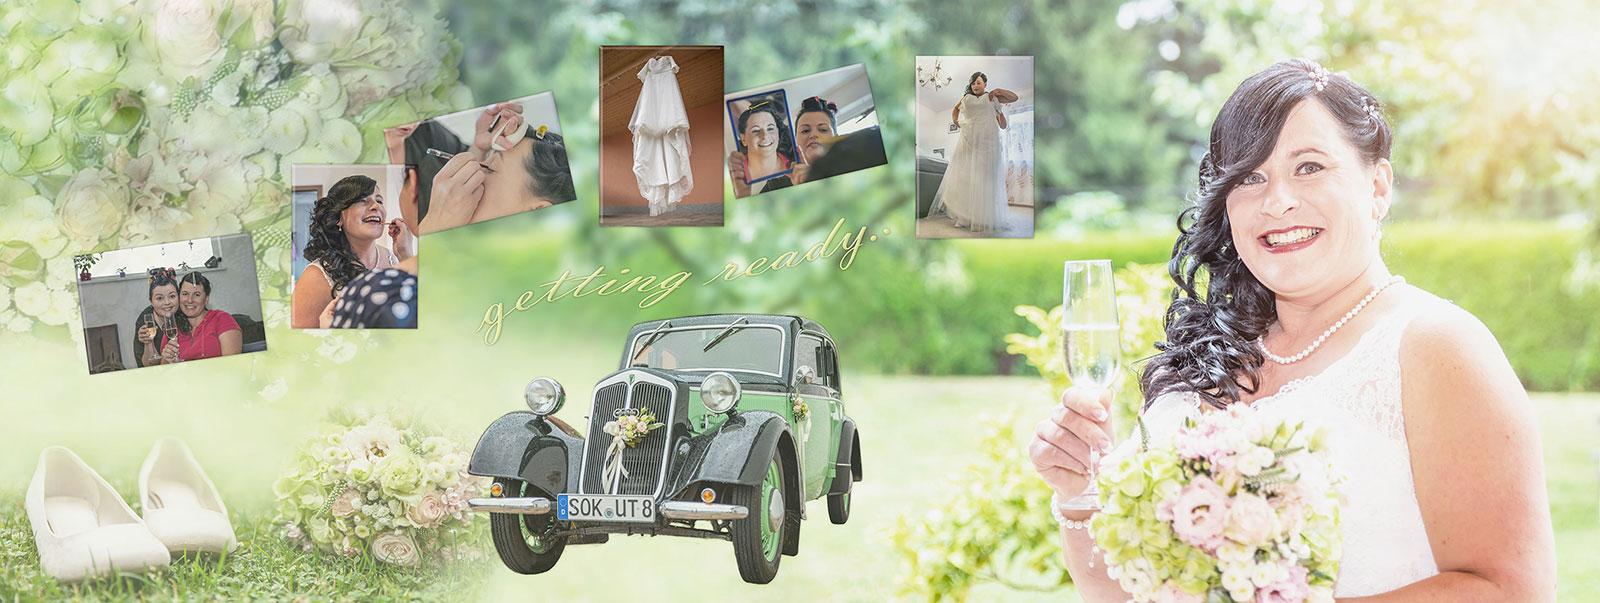 Panorama Fotobuch zur Hochzeit - getting ready der Braut in Bad Lobenstein